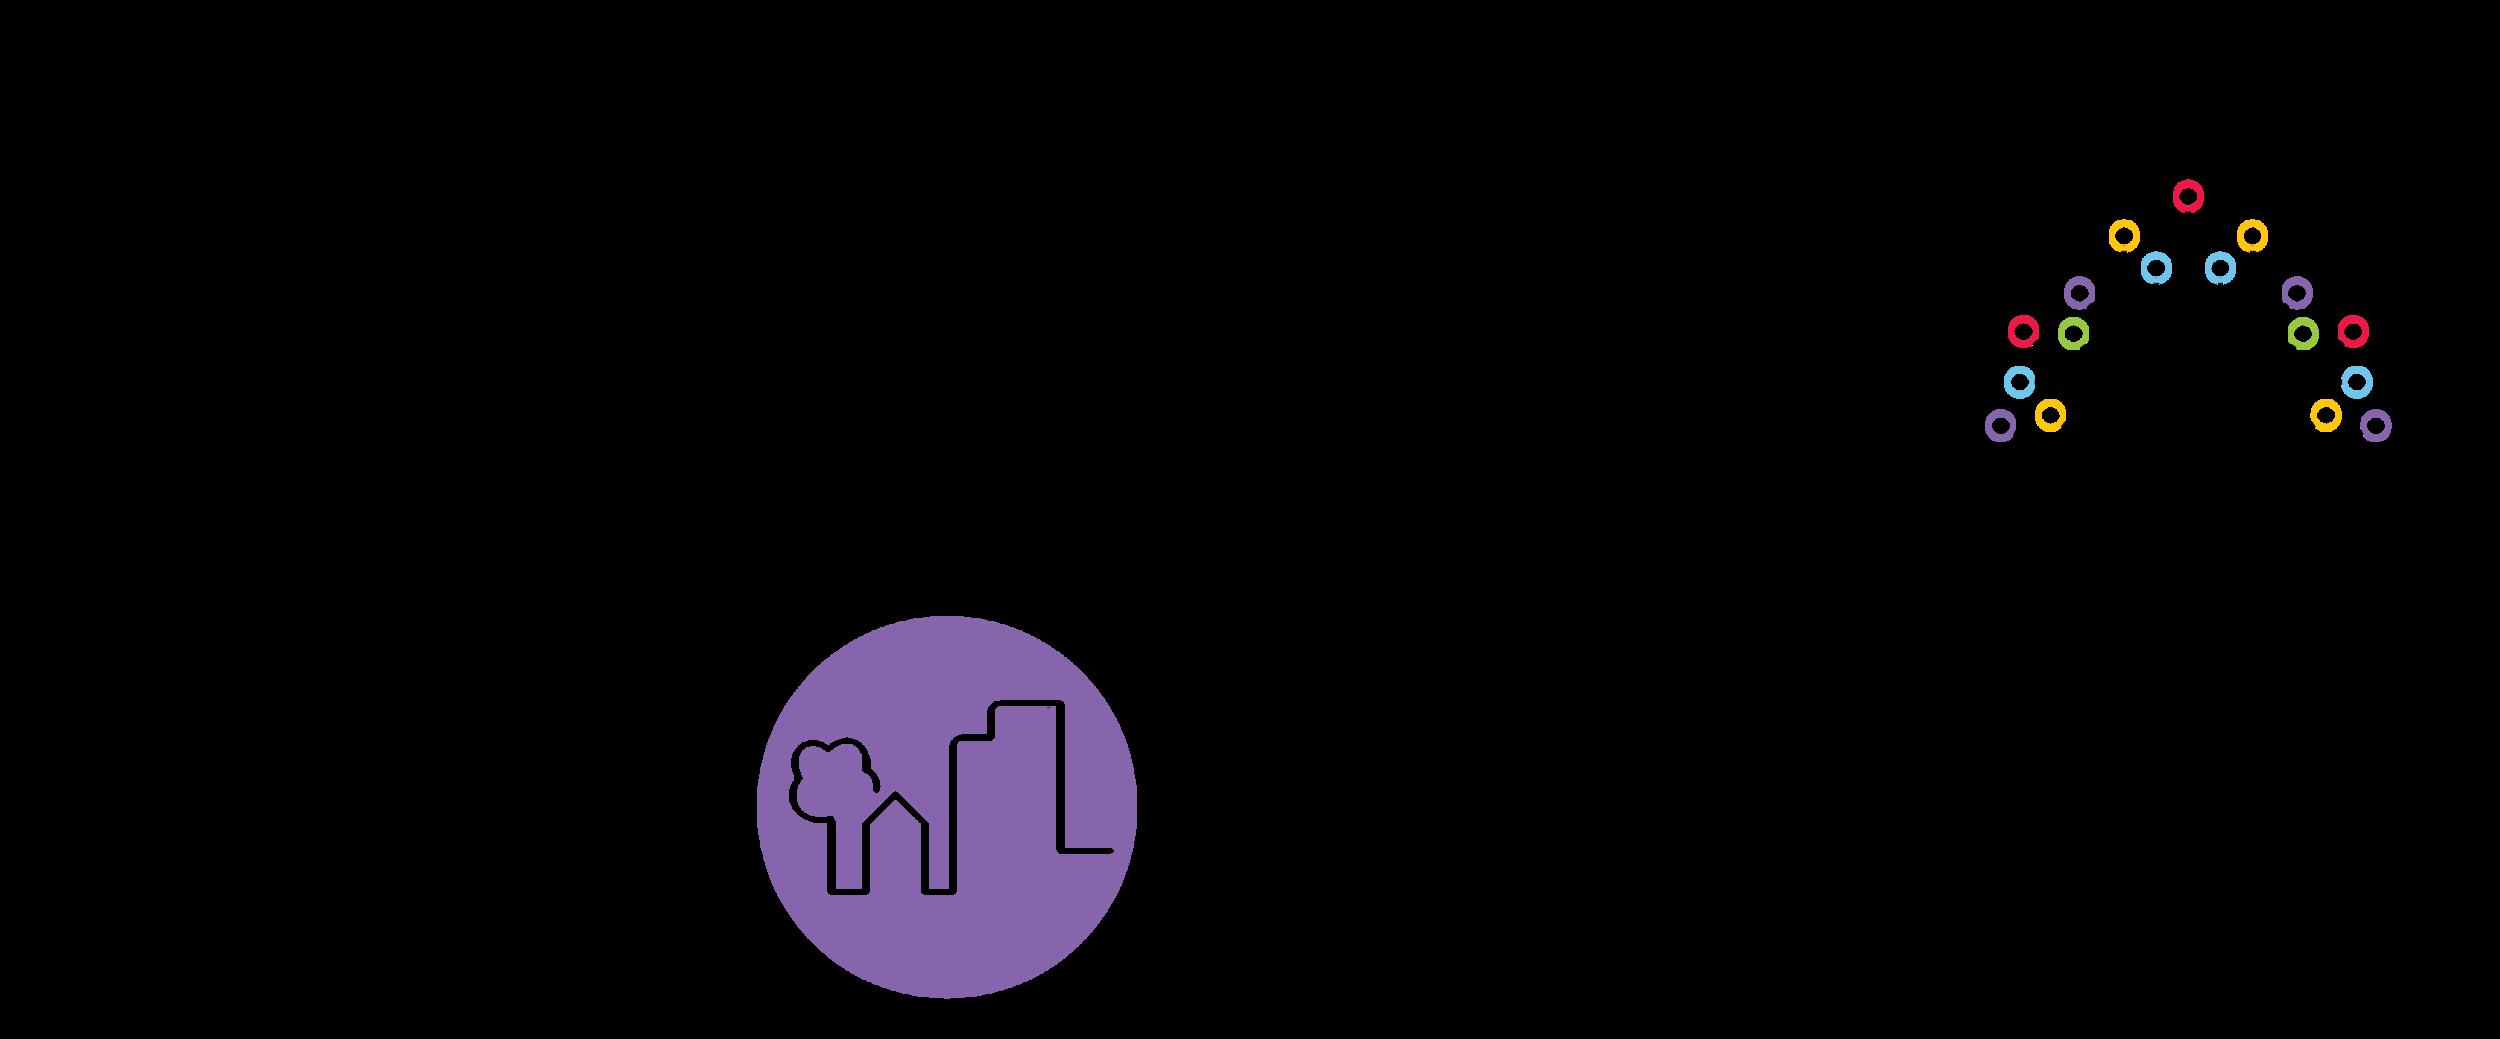 UCC_Infographic_Black_Livability_V1-01 (1).jpg